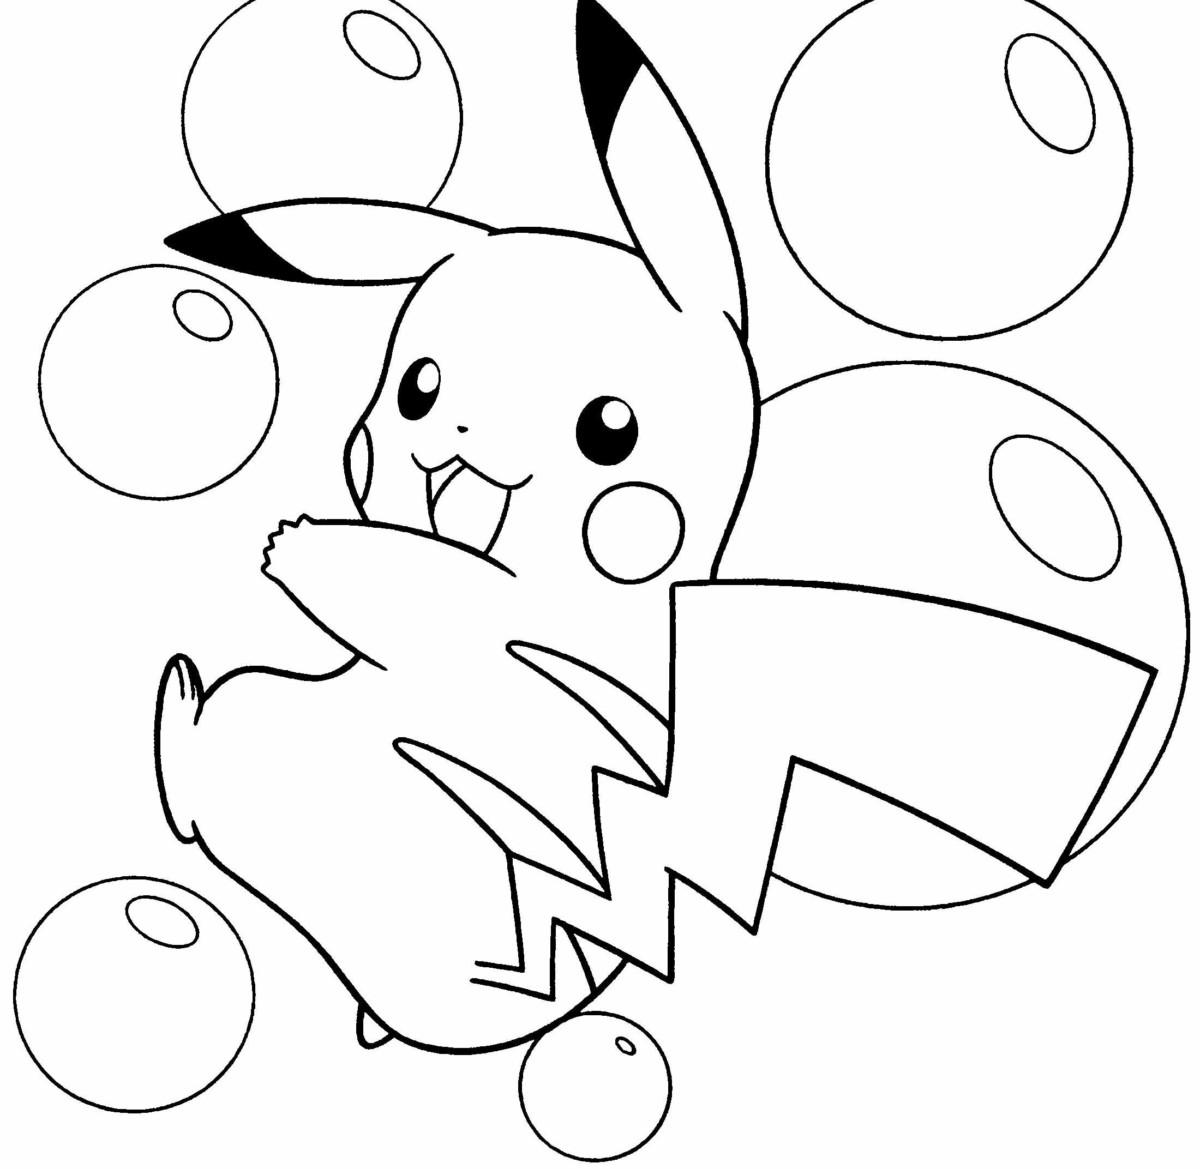 500 mẫu tranh tô màu Pokemon đẹp được các bạn nhỏ yêu thích nhất